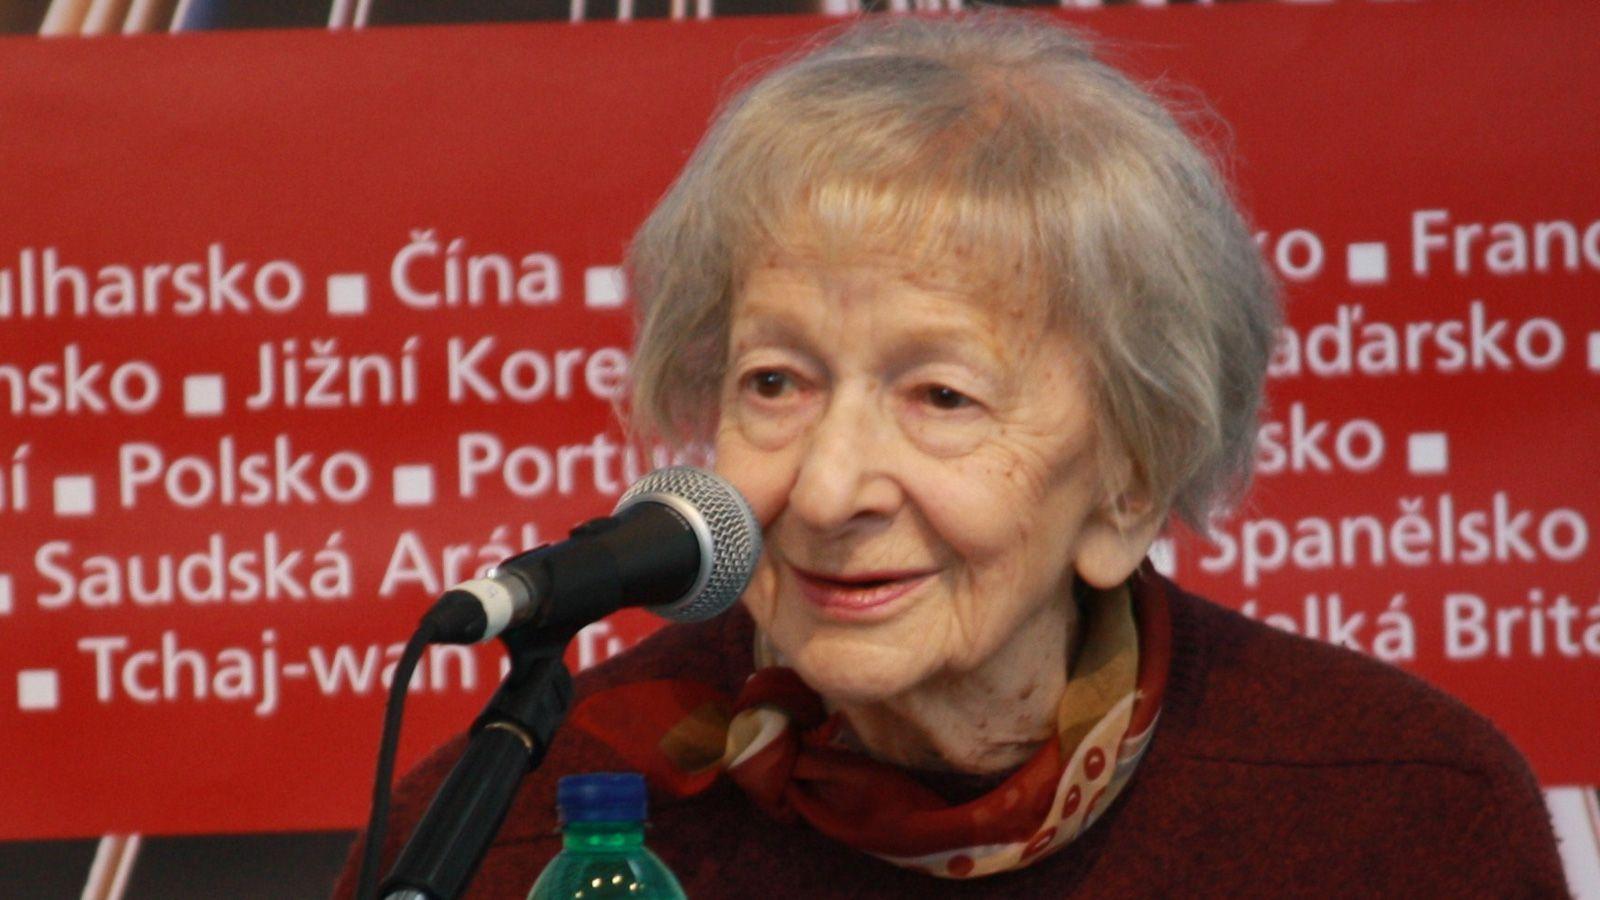 Wisława Szymborska - życie i twórczość quiz